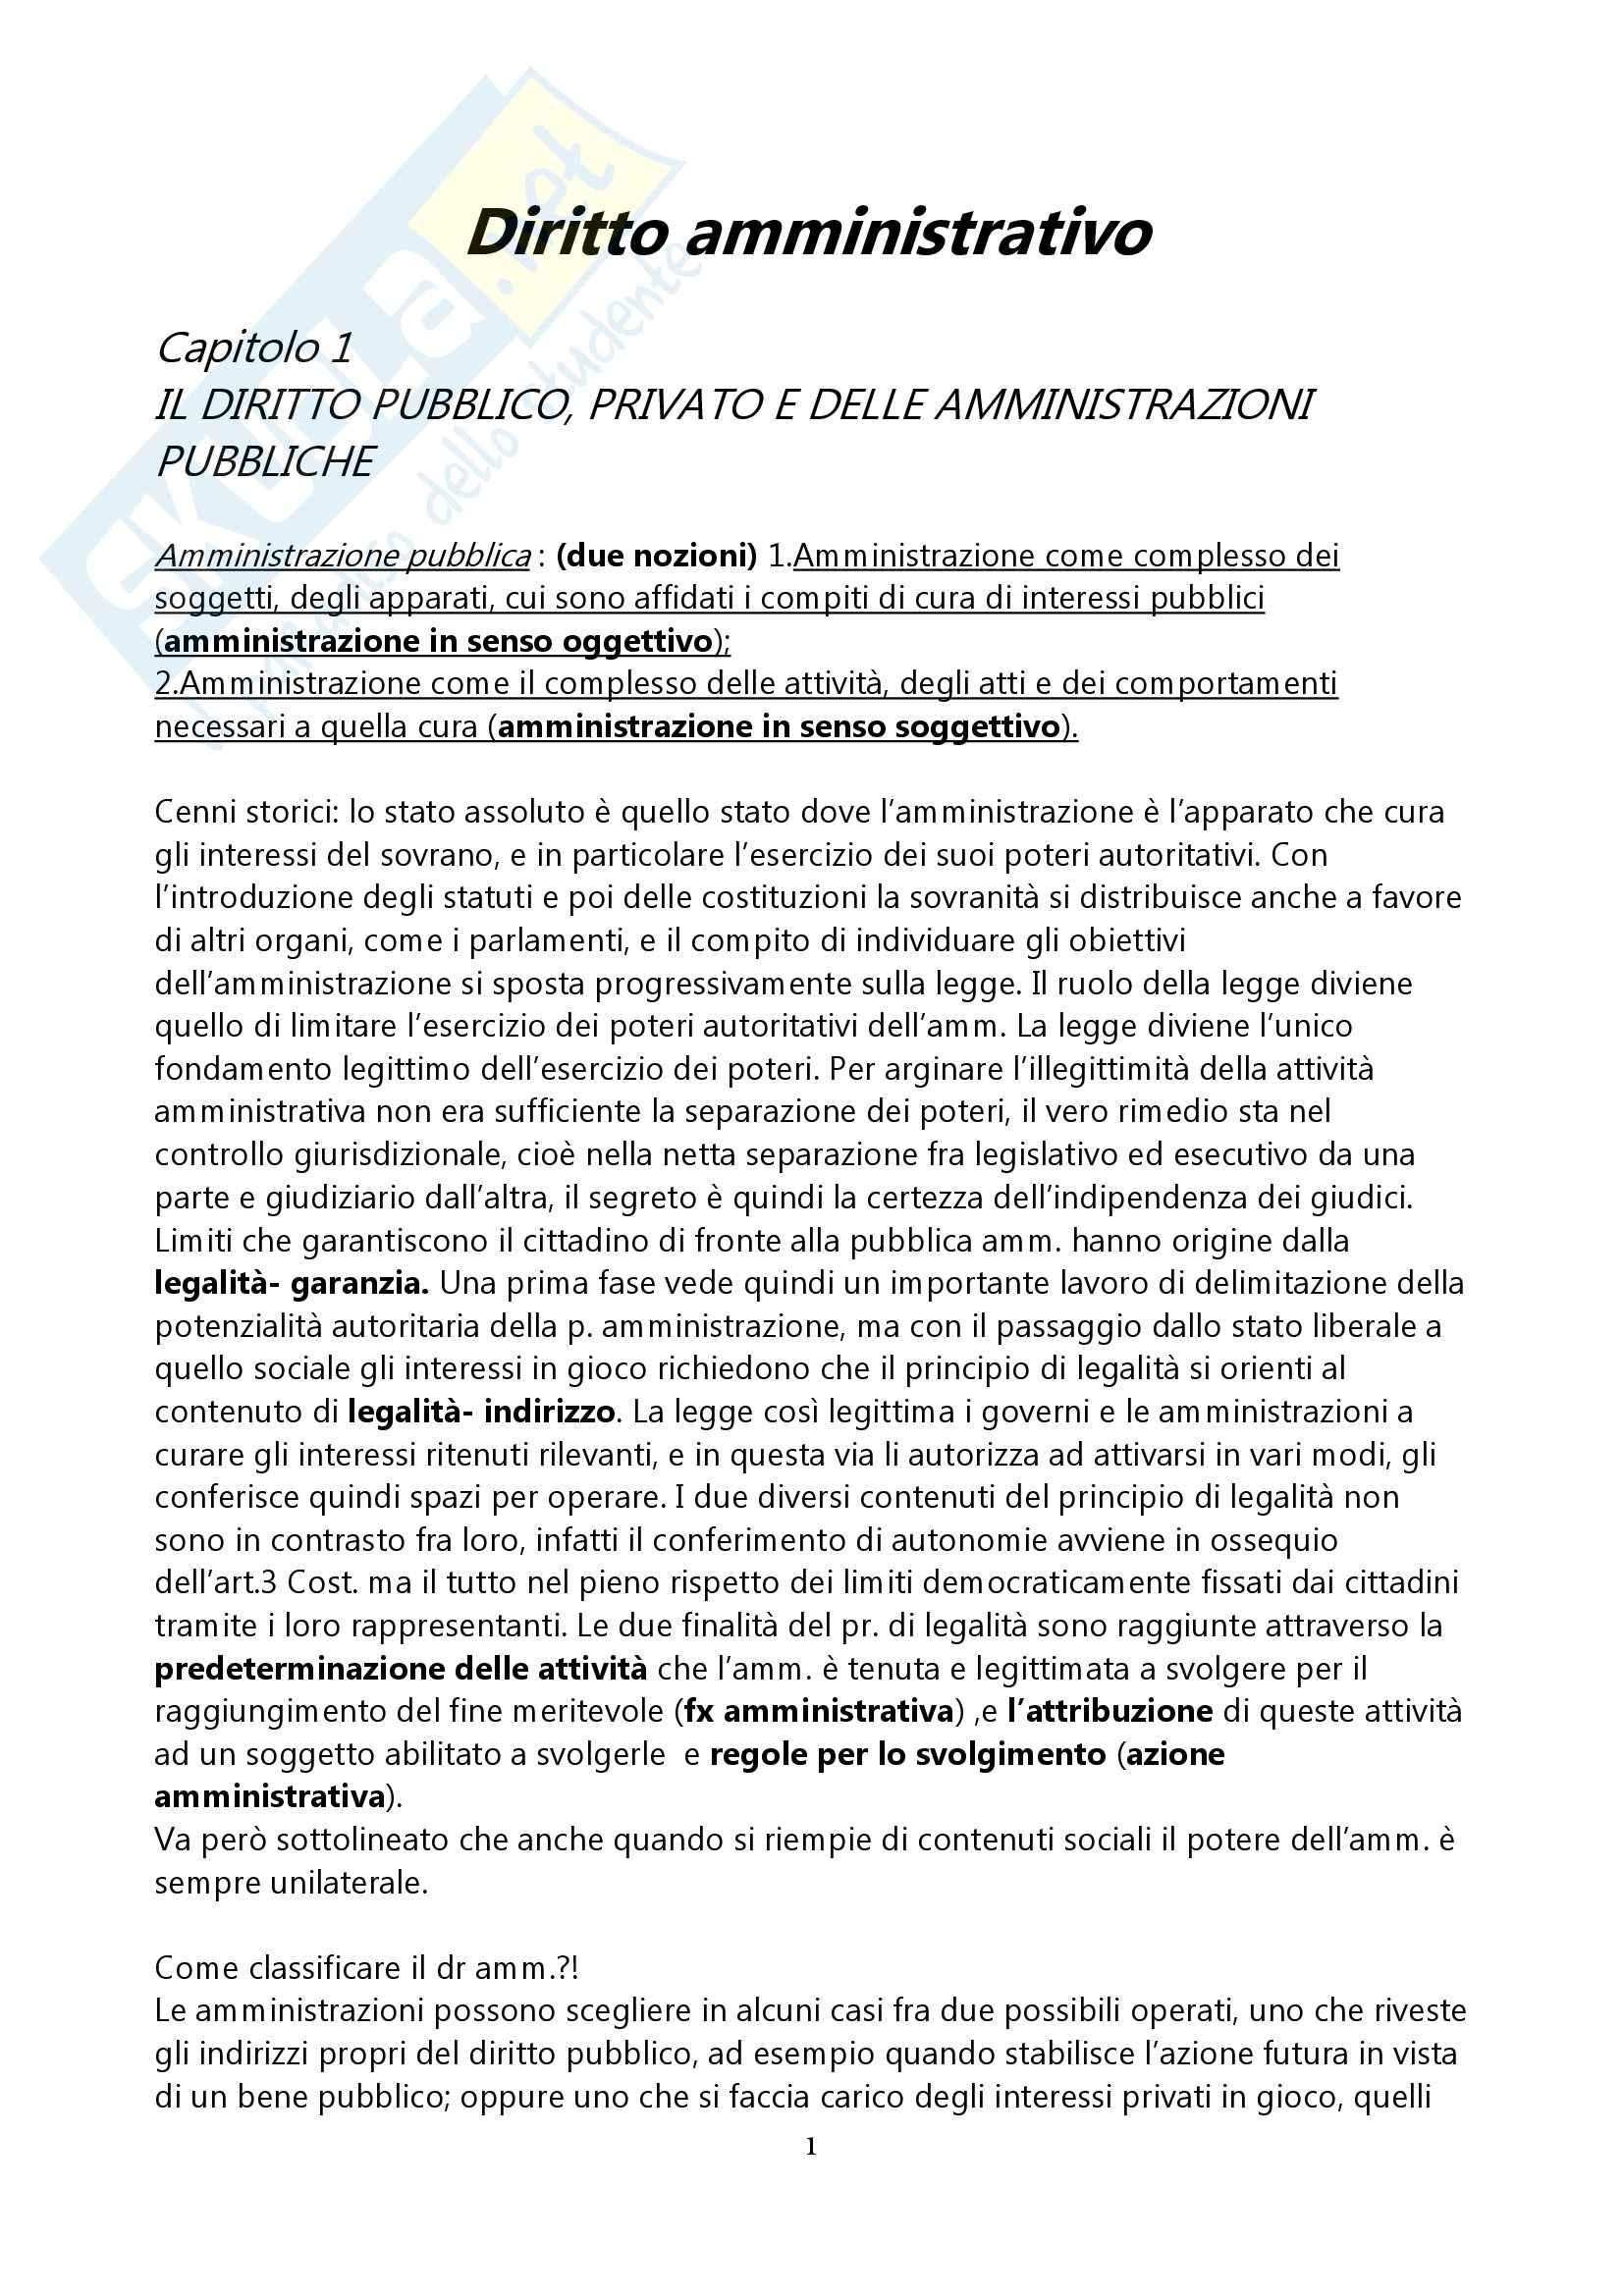 Riassunto esame Diritto Amministrativo, prof. indefinito, libro consigliato Istituzioni di Diritto Amministrativo, Merloni